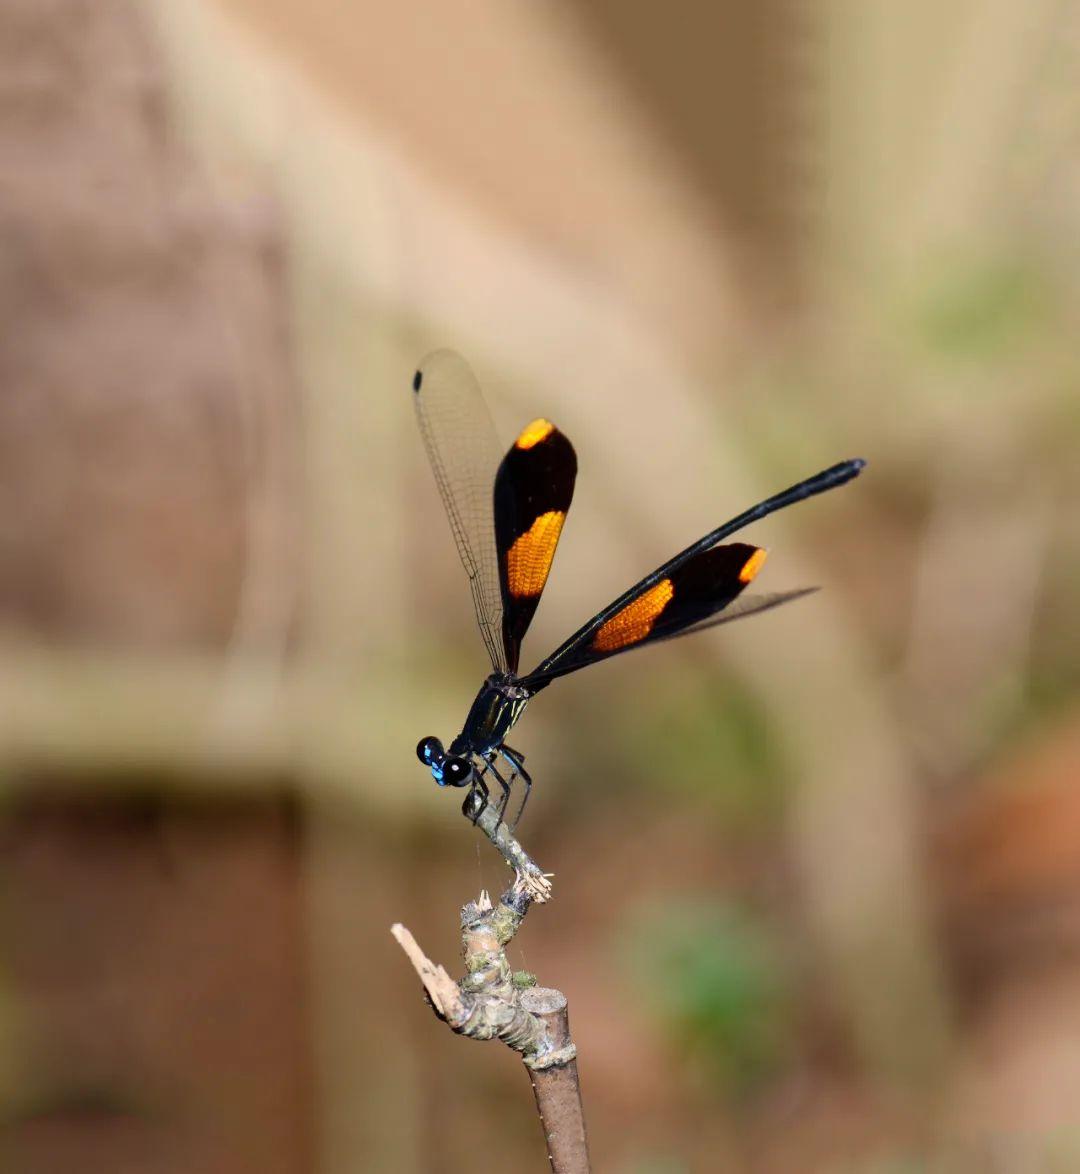 追蜻蜓的人